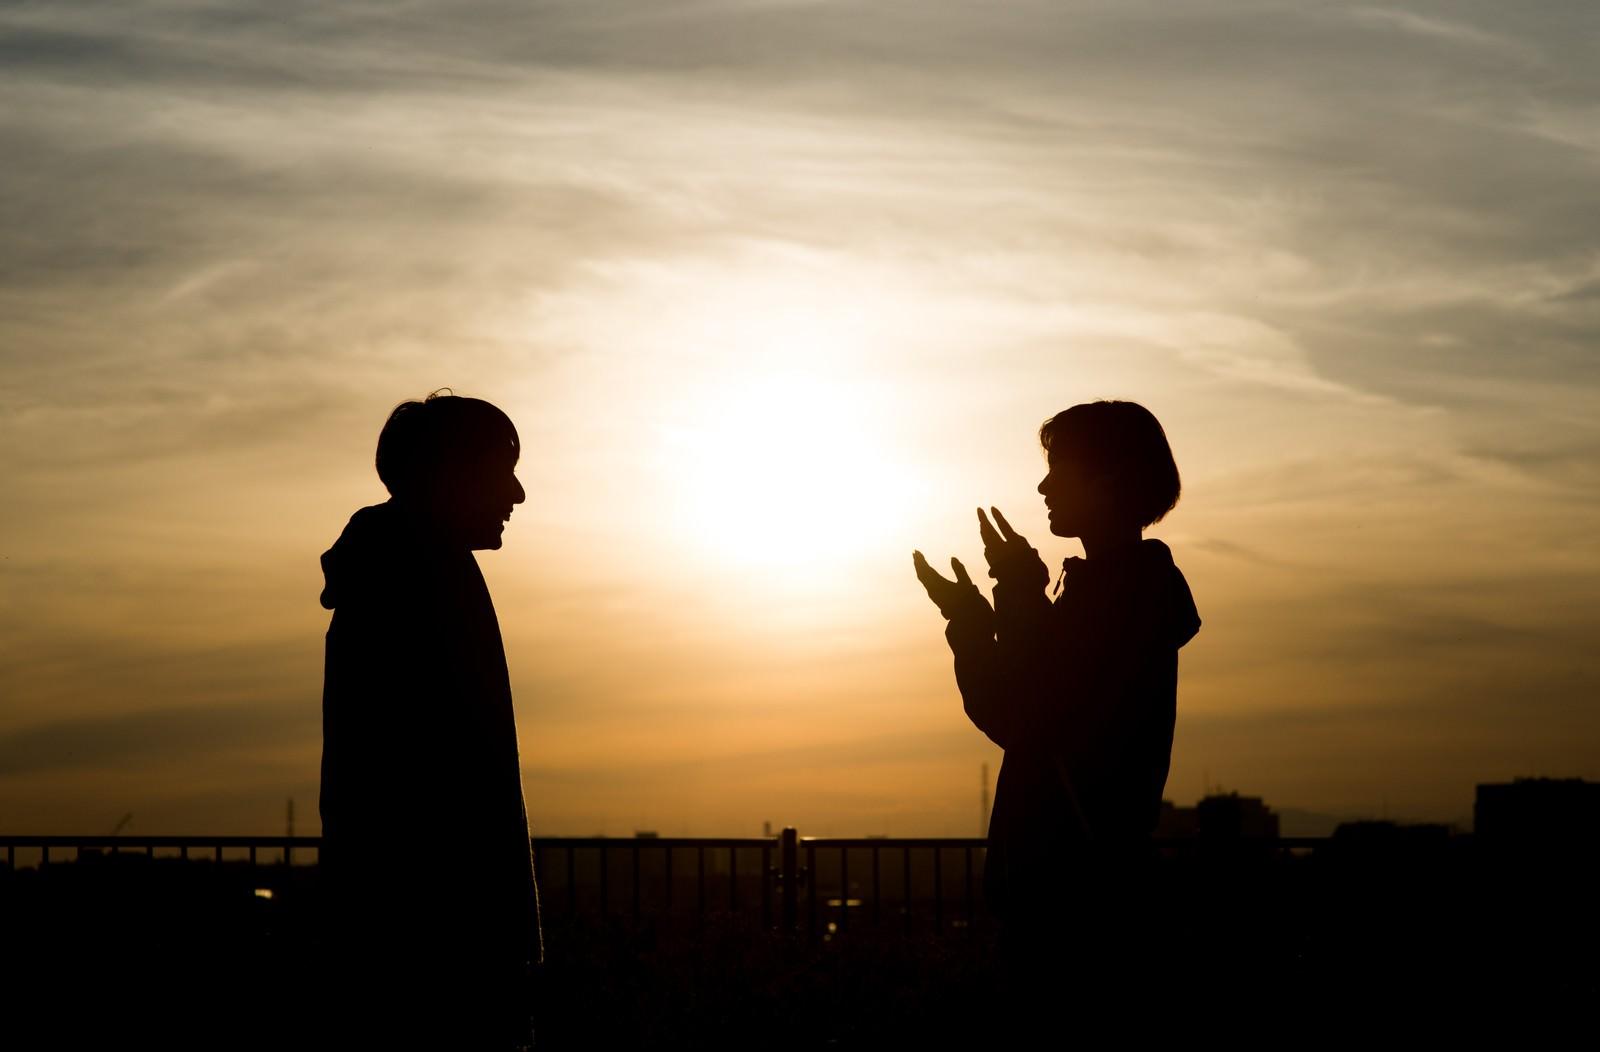 「夕焼けシルエットの男女夕焼けシルエットの男女」のフリー写真素材を拡大